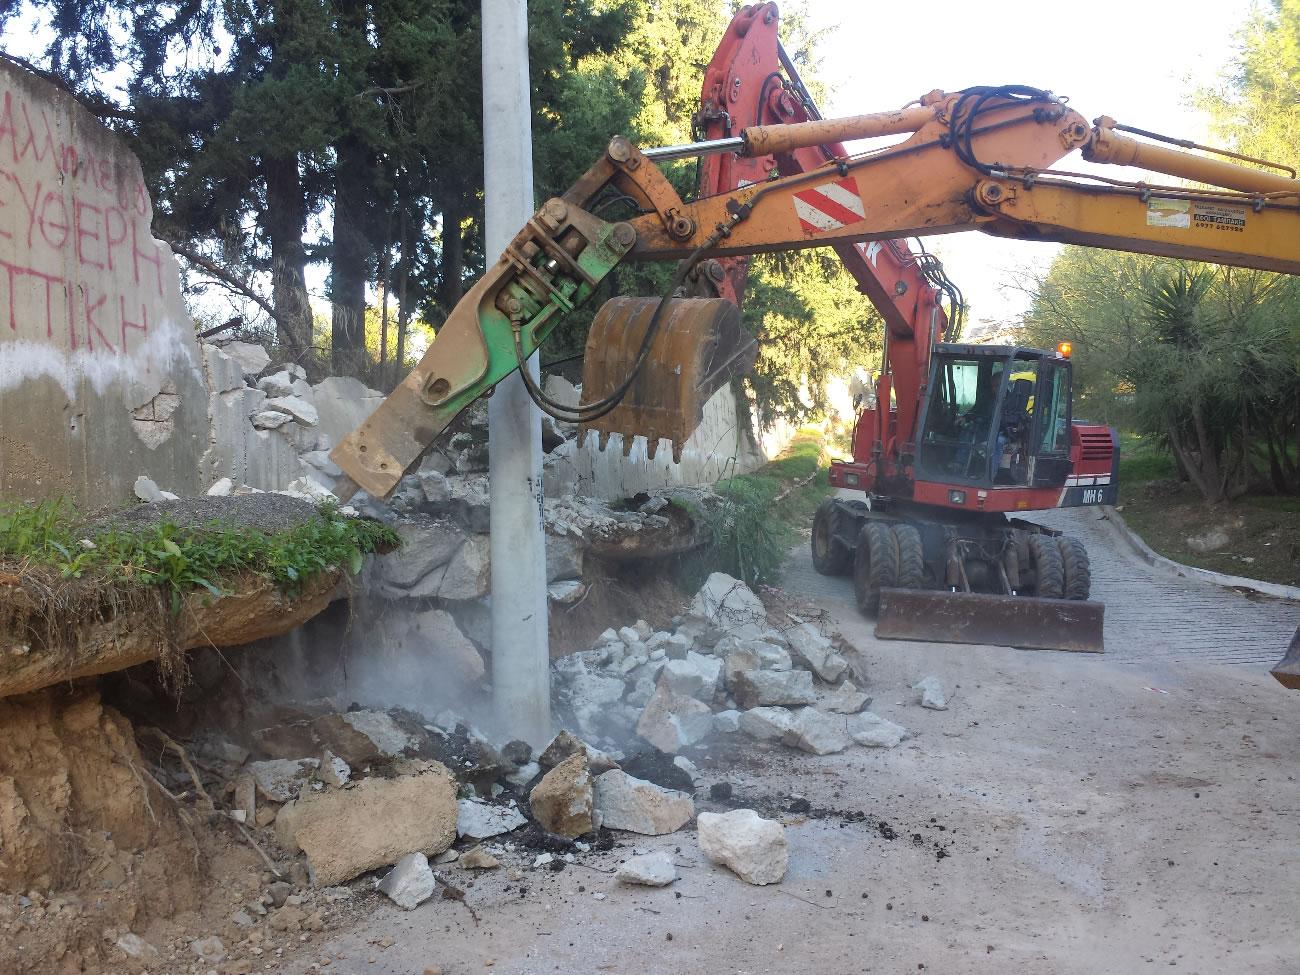 Επείγουσες εργασίες αποκατάστασης ζημιών Δήμου Περιστερίου